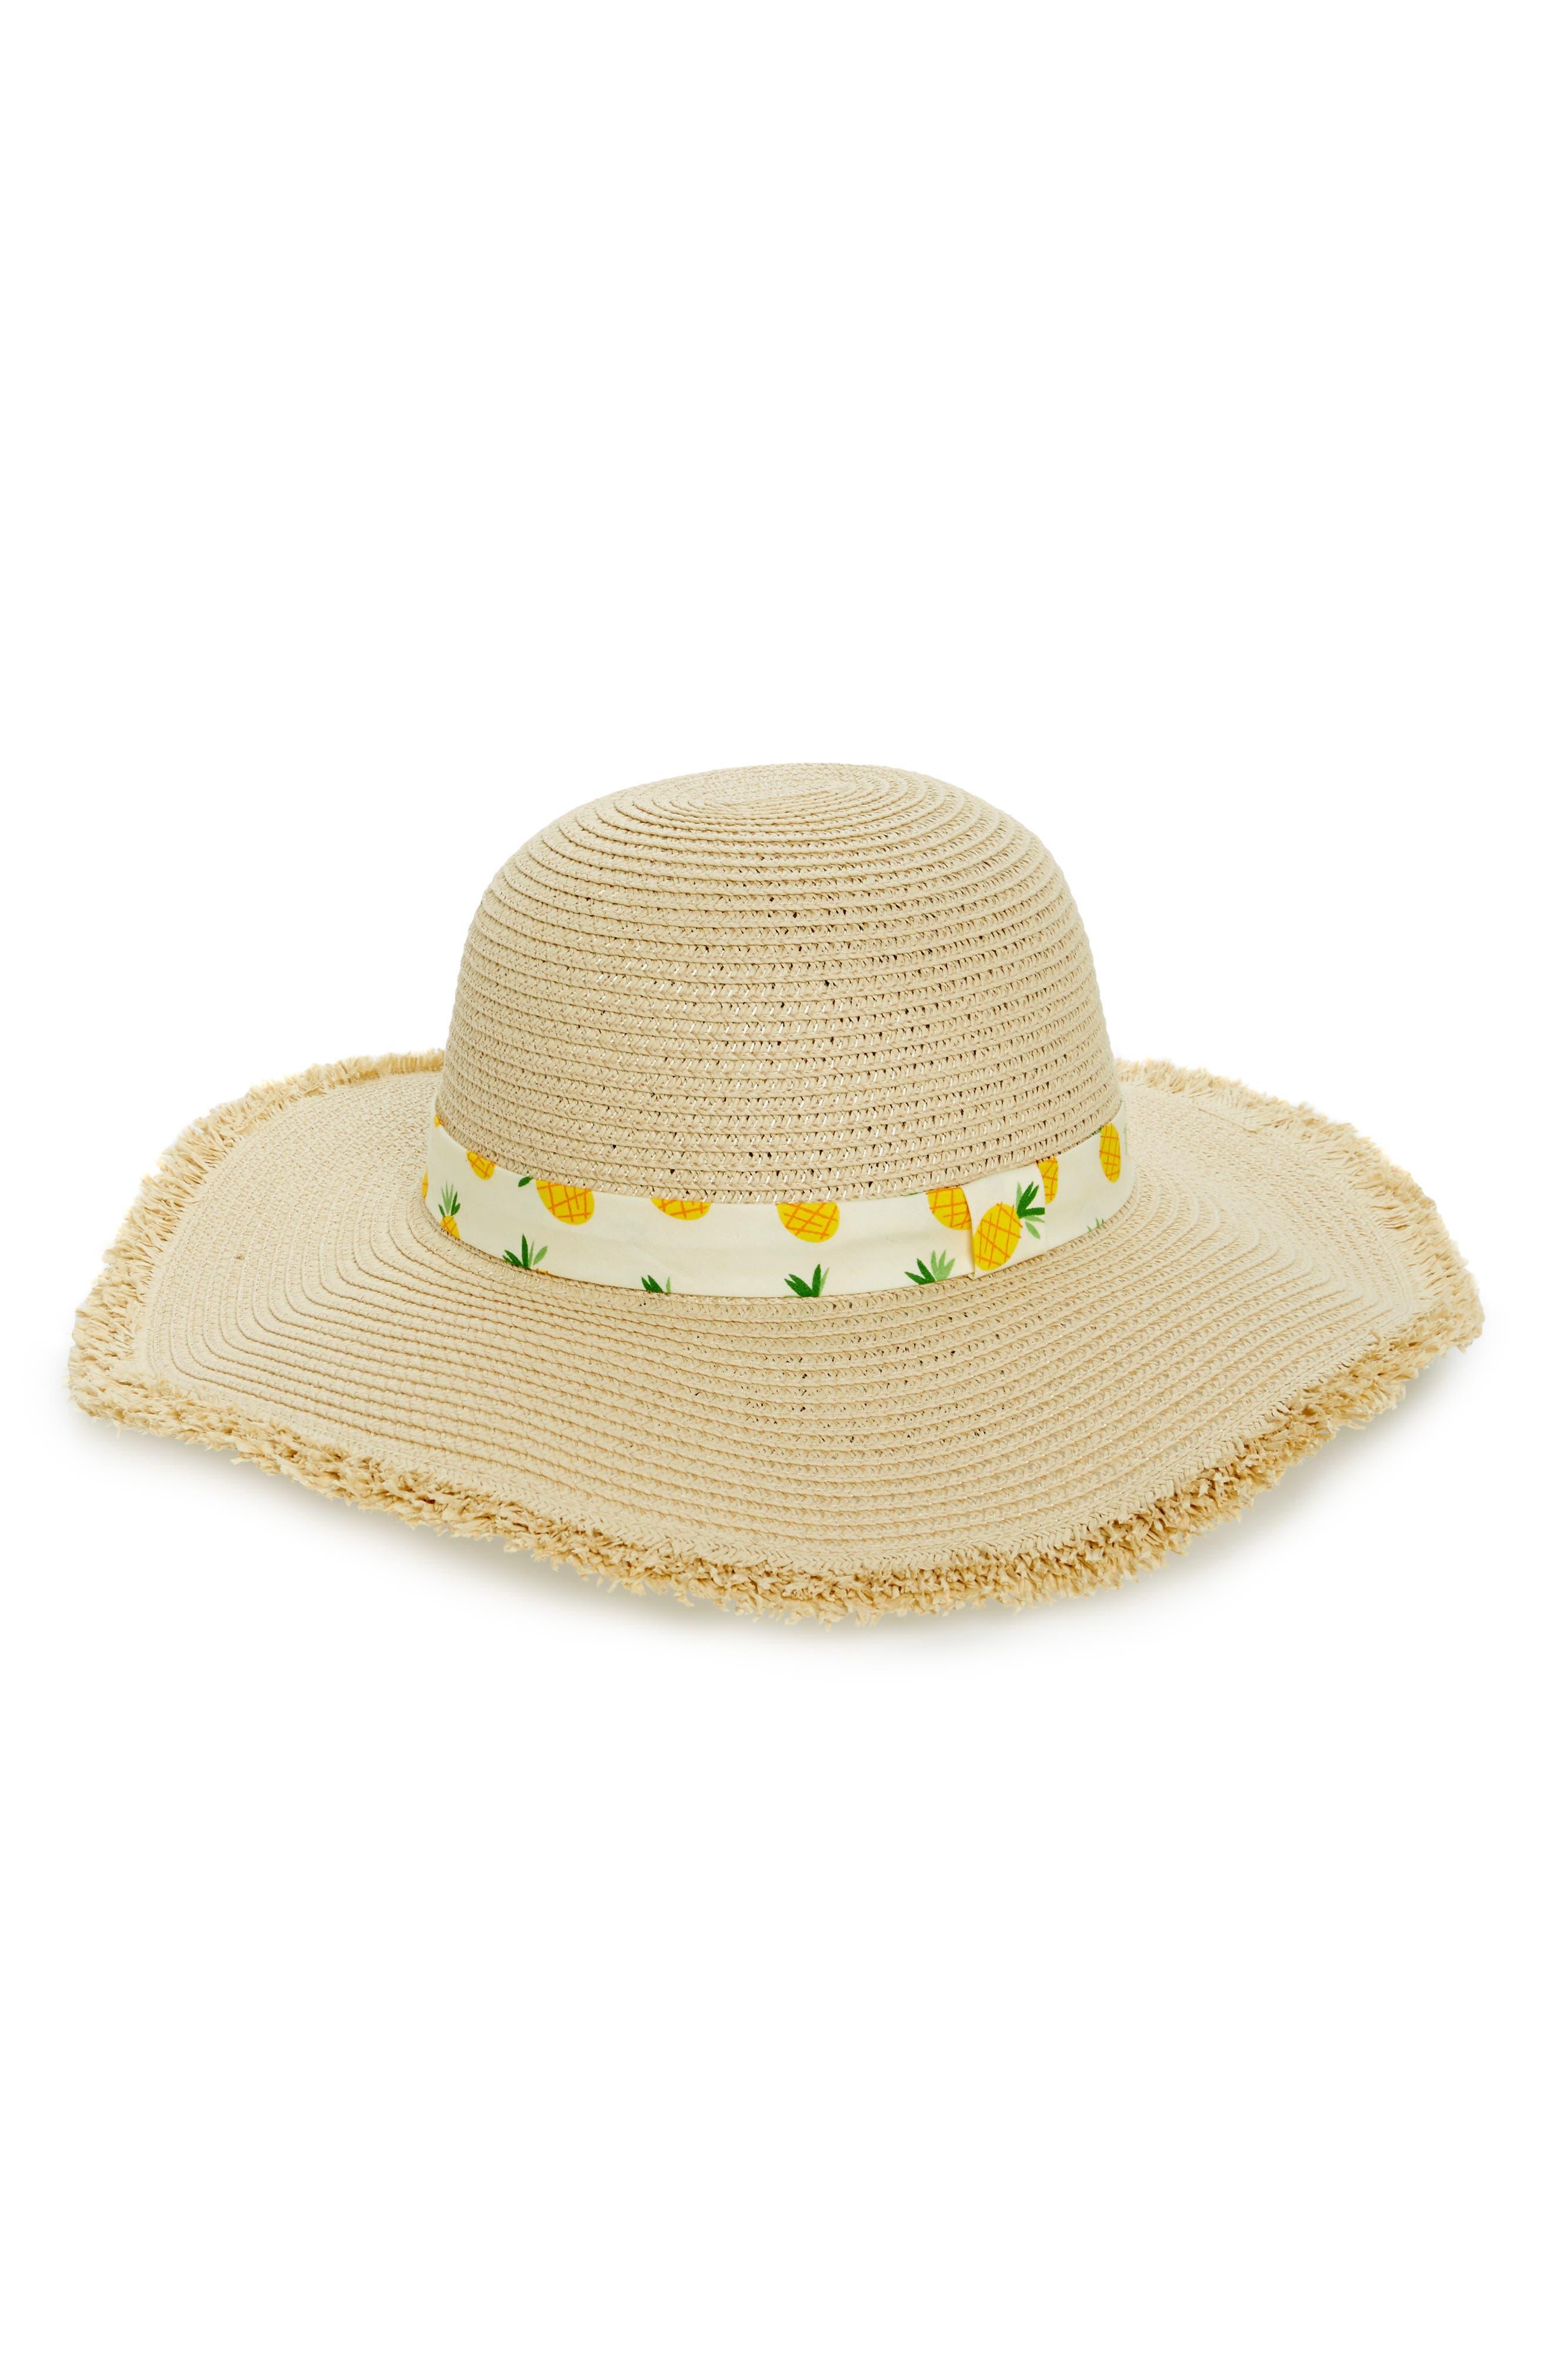 BP. Novelty Band Floppy Straw Hat